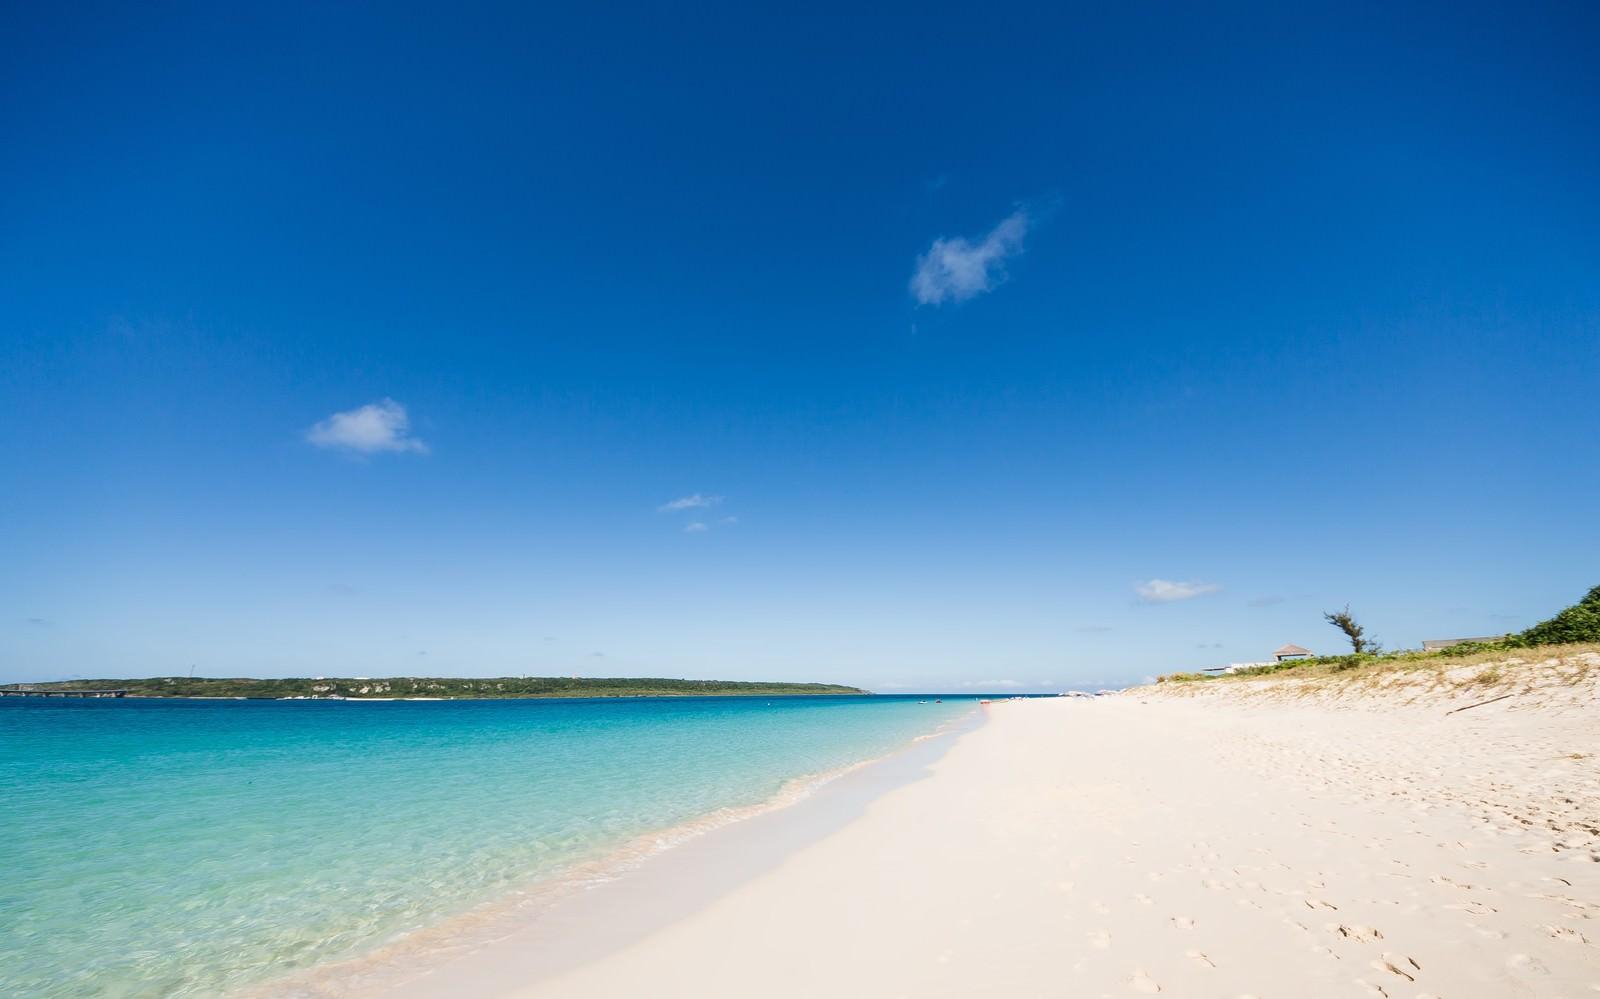 「白い砂浜とエメラルドグリーンの海 | 写真の無料素材・フリー素材 - ぱくたそ」の写真